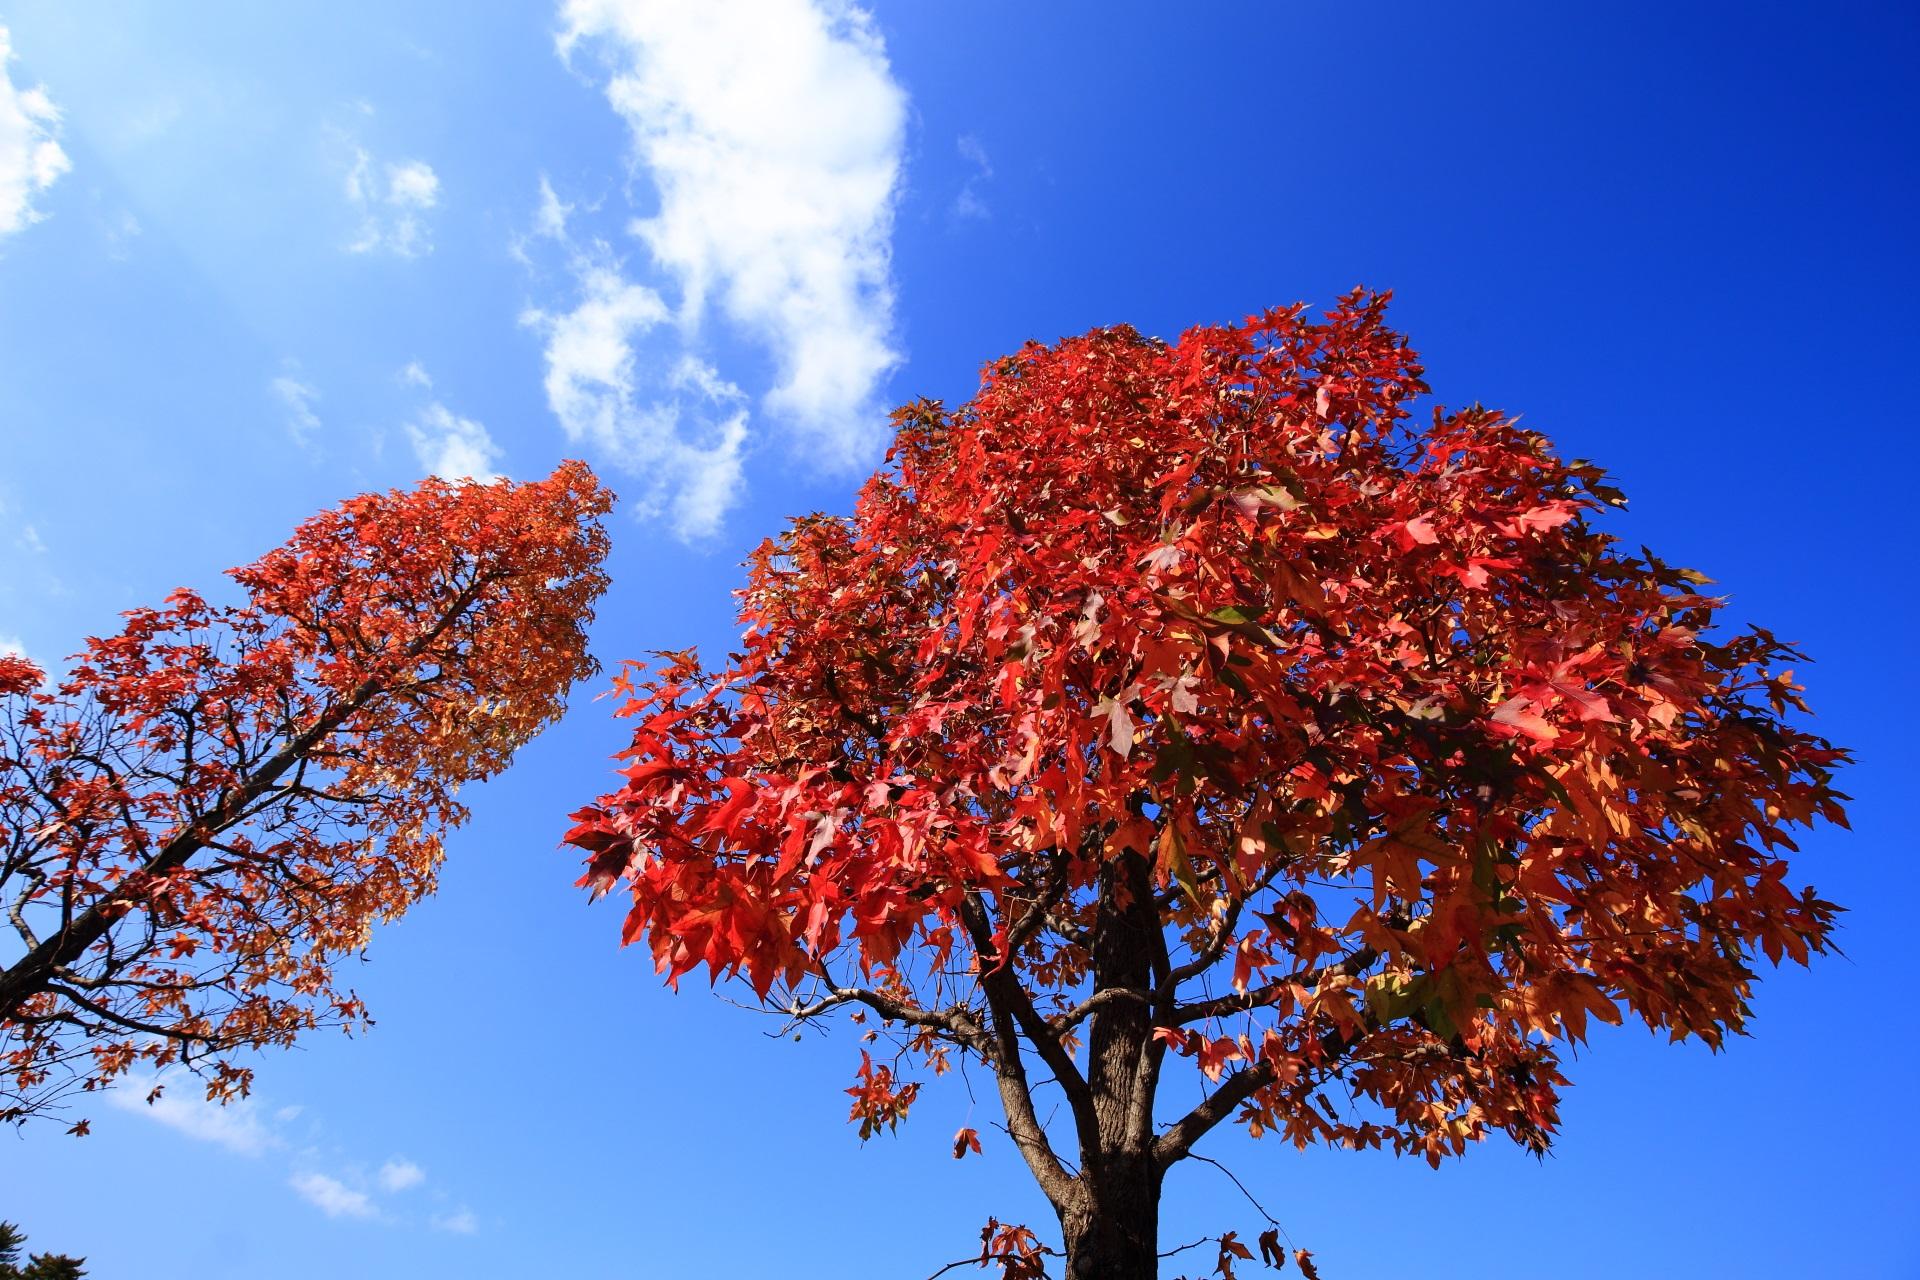 二条城の外の通りの見事に紅葉した街路樹